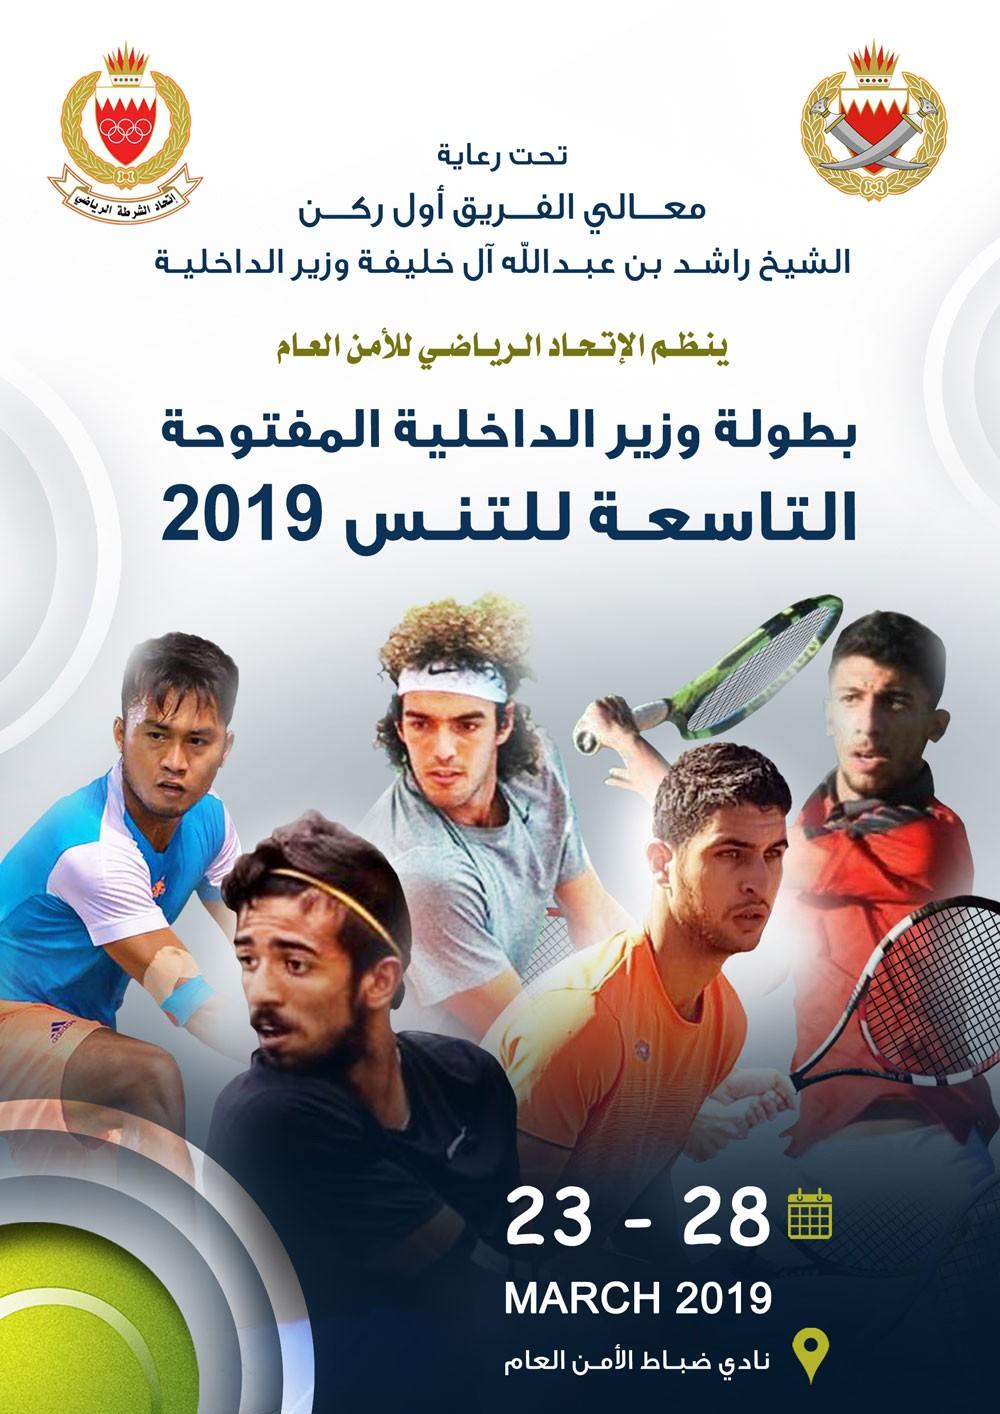 16 لاعباً من 12 دولة يشاركون في بطولة وزير الداخلية للتنس